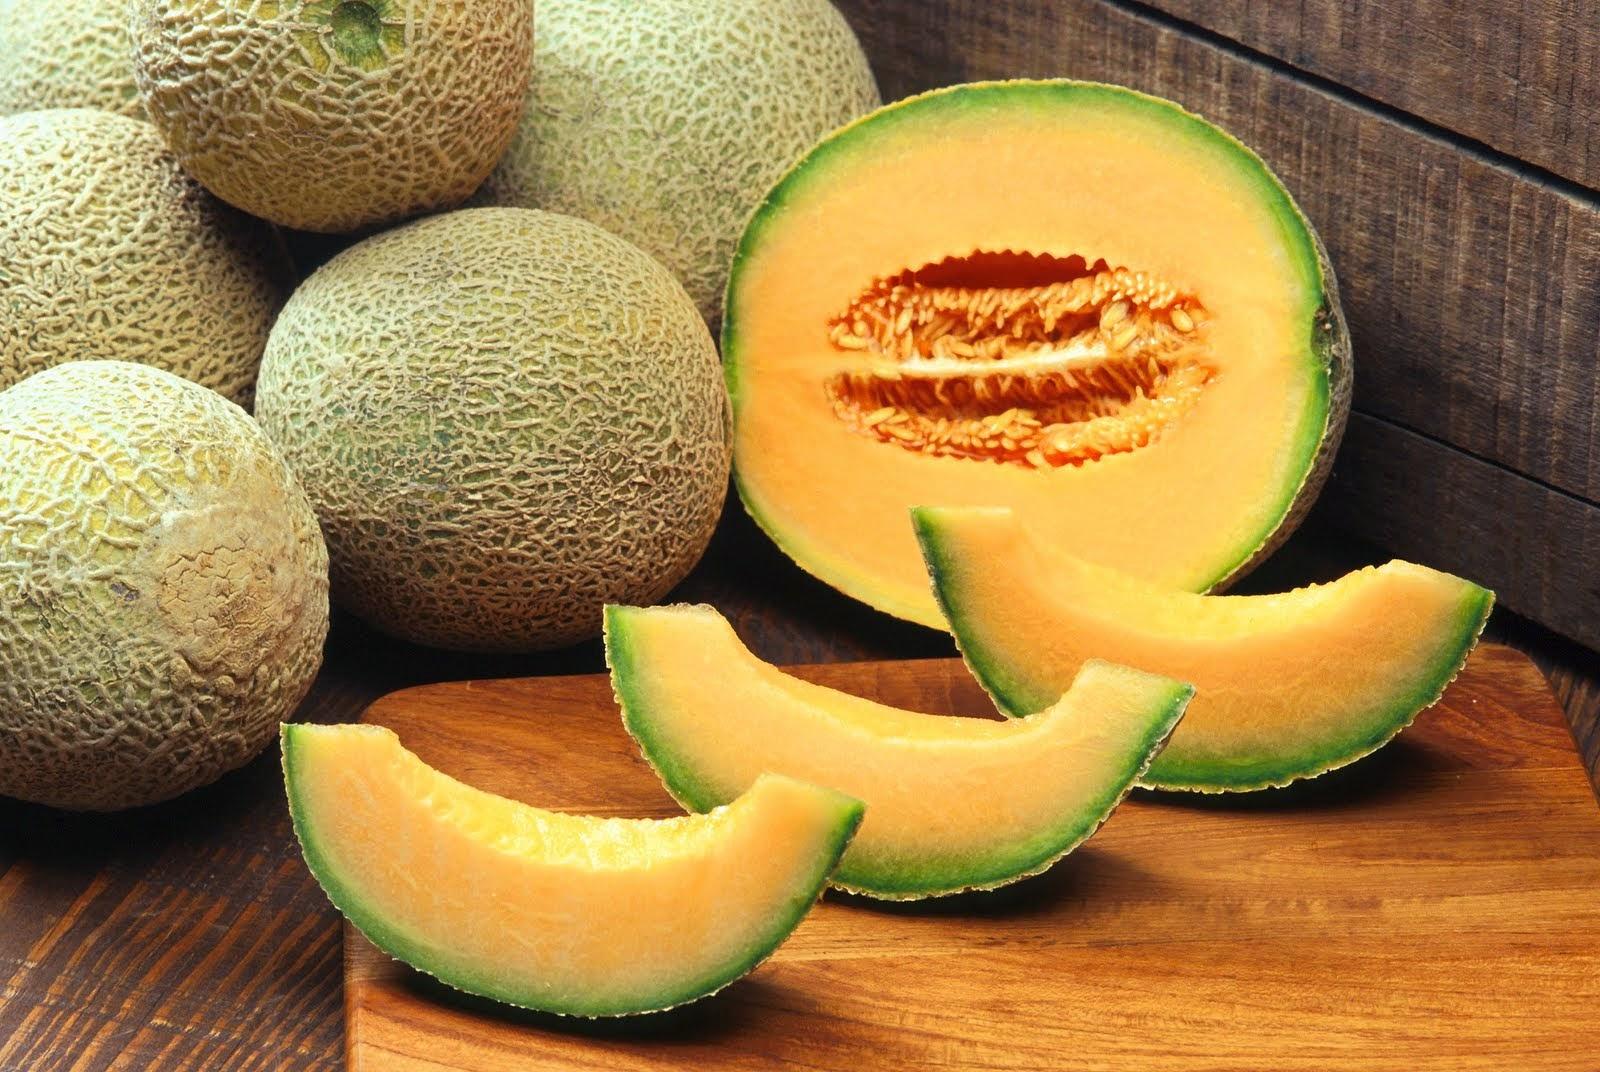 Manfaat Super Buah Melon Untuk Kesehatan